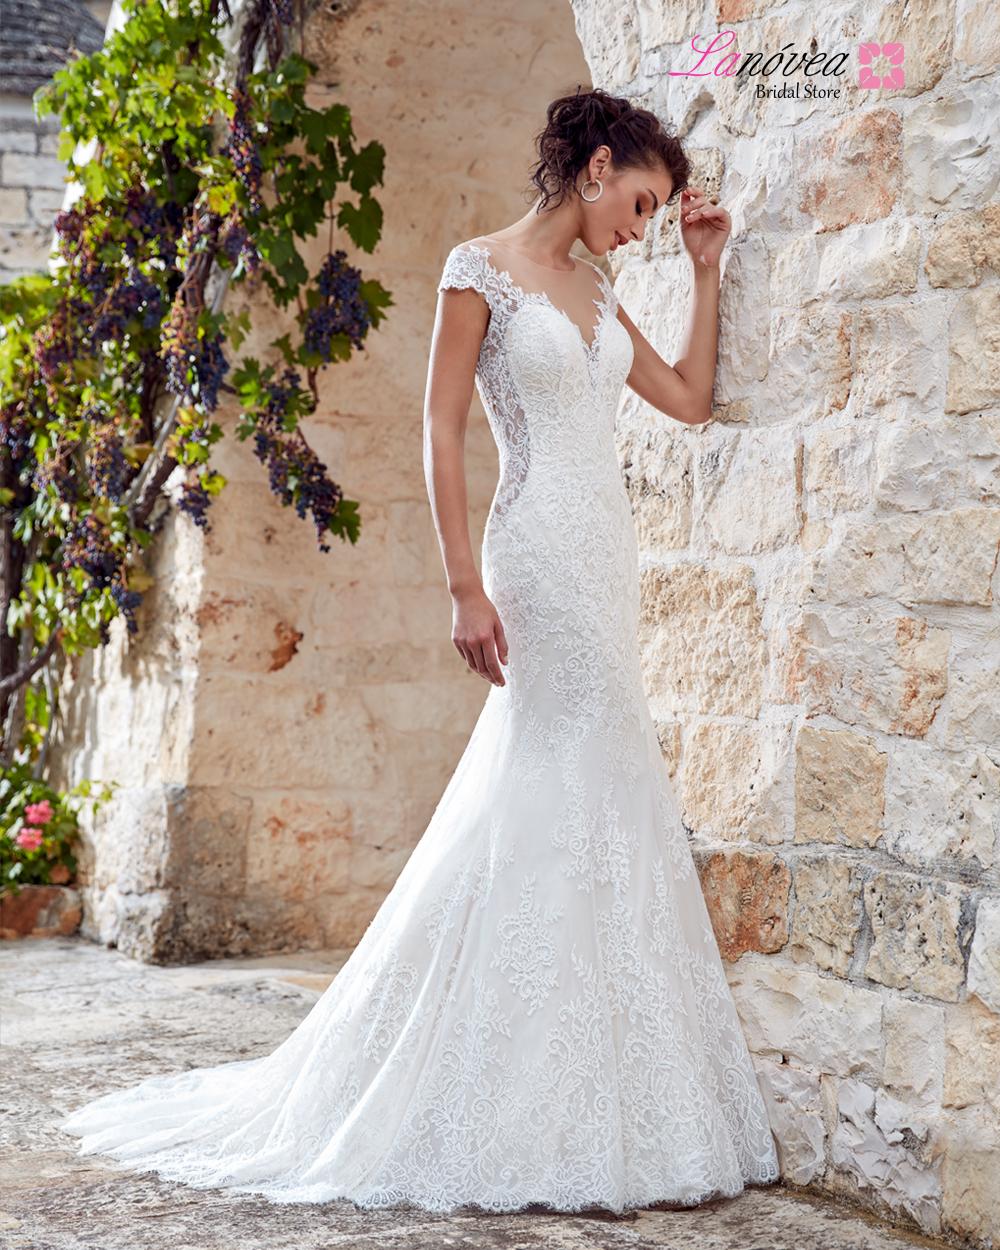 Alquiler de vestidos de novia lara